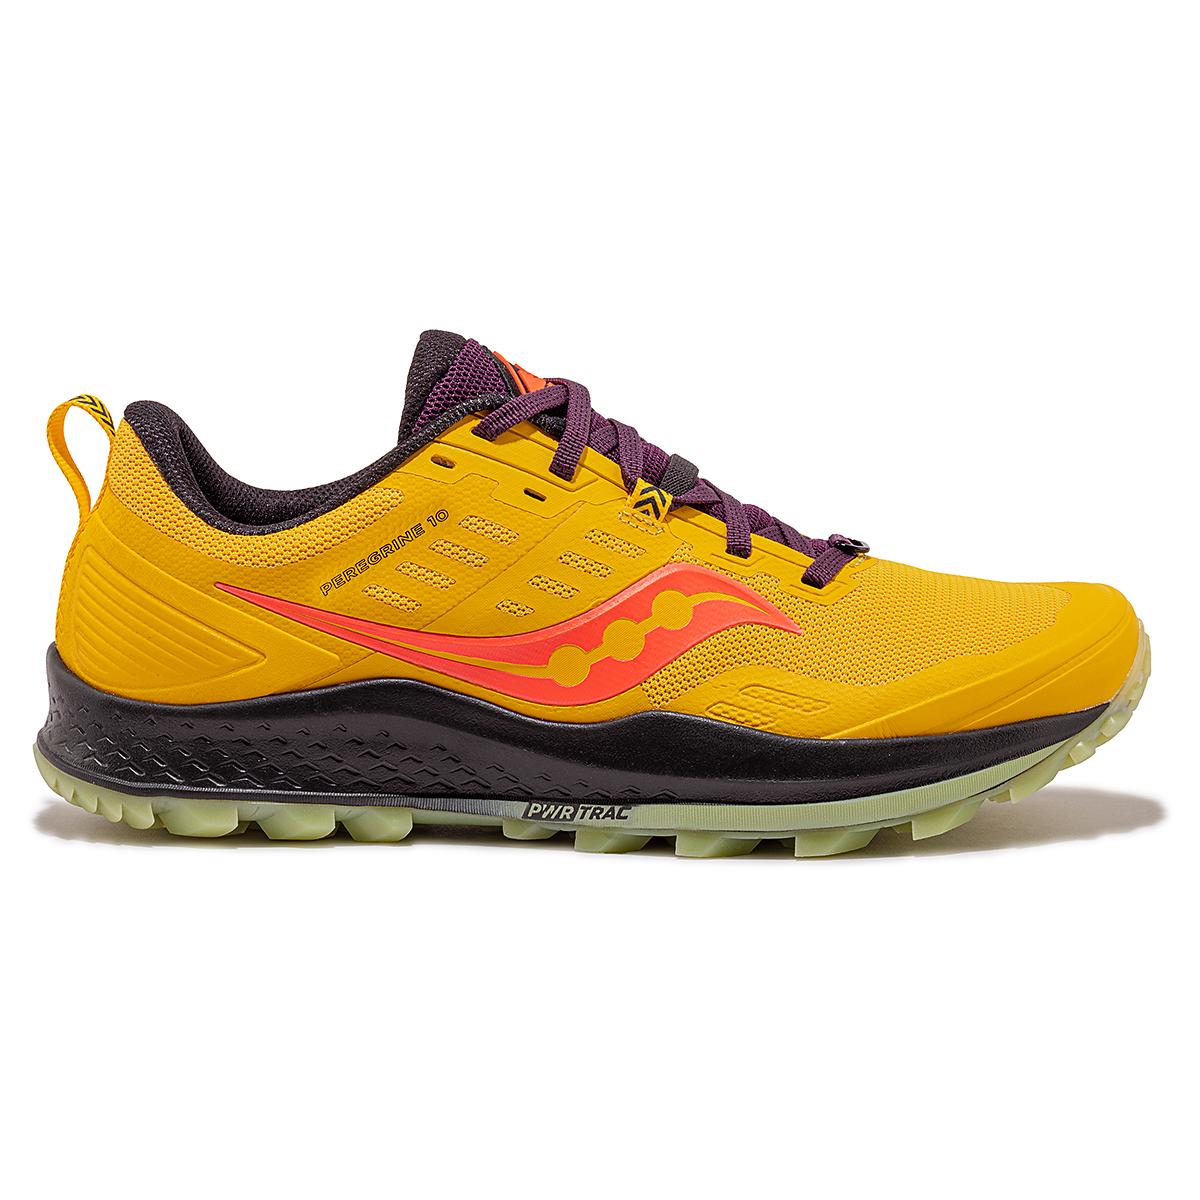 Men's Saucony Jackalope 2.0 Peregrine 10 Trail Running Shoe - Color: Jackalope - Size: 7 - Width: Regular, Jackalope, large, image 1